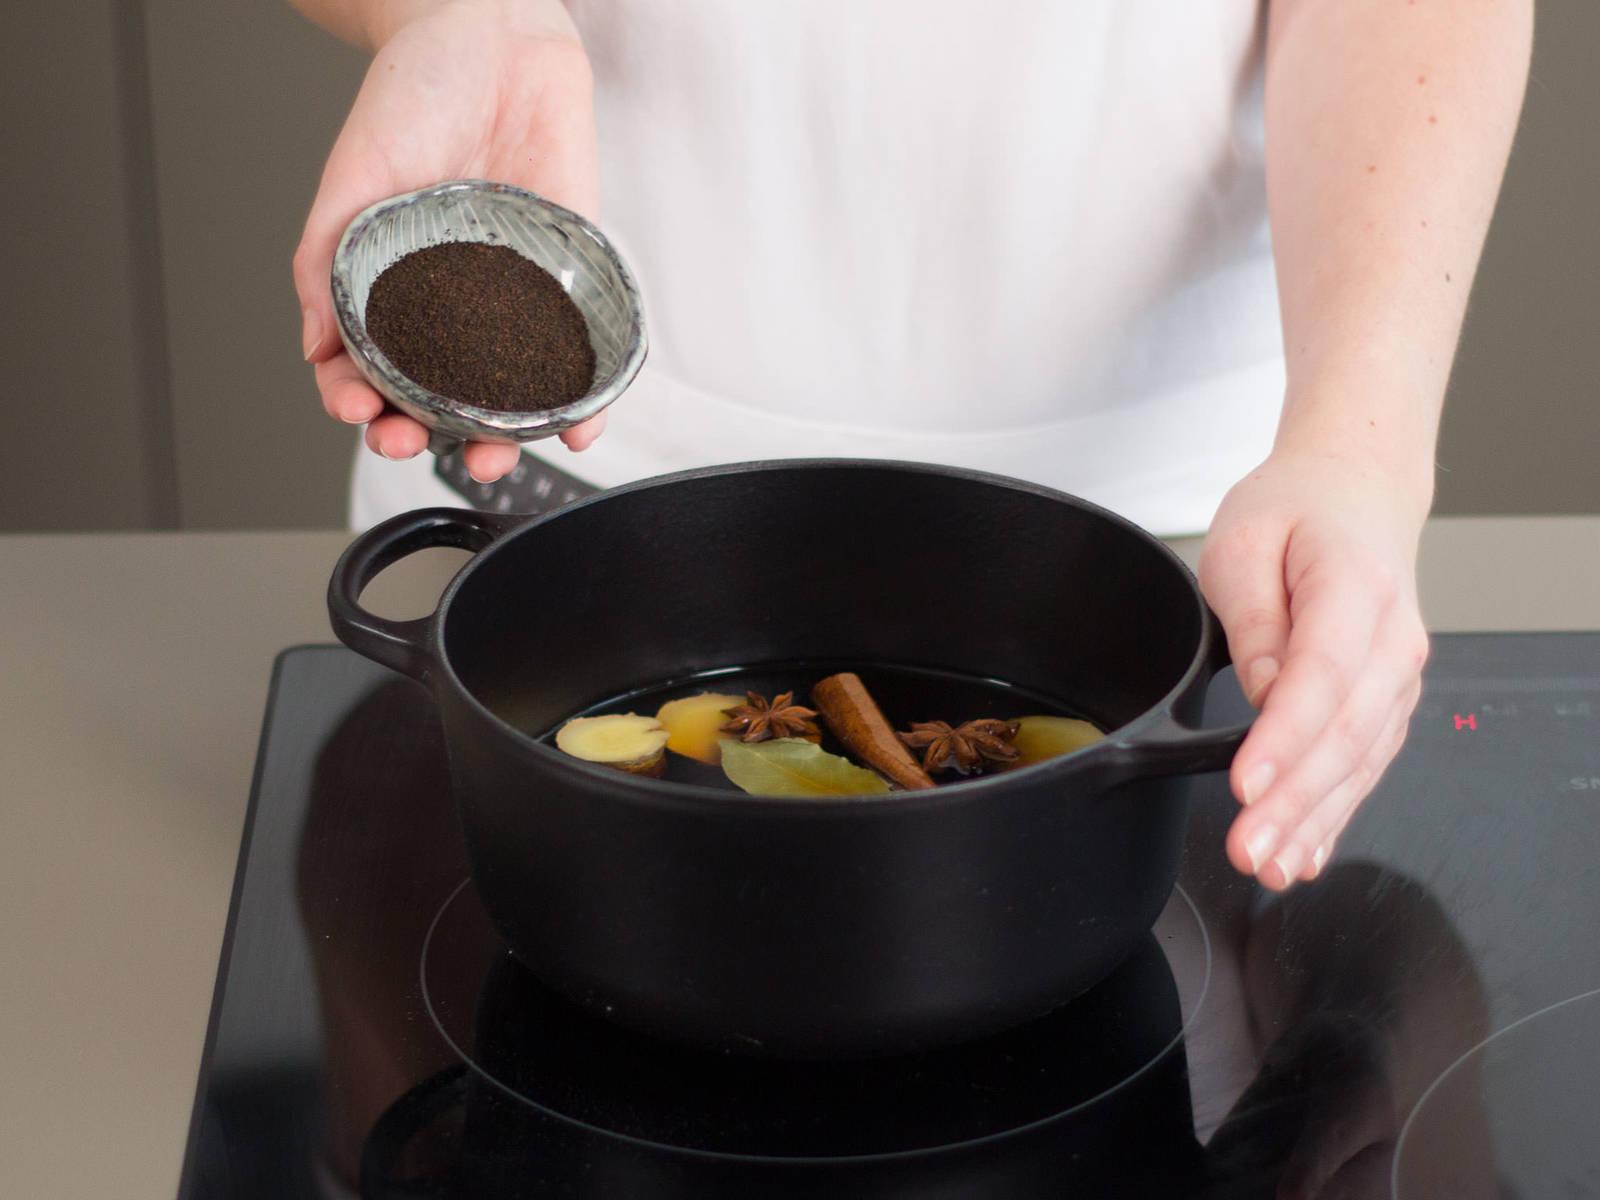 Für die Marinade Wasser, Sojasoße, Tee, den restlichen Zucker, Ingwer, Zimt, Sternanis und Lorbeerblatt aufkochen und ca. 10 Min. köcheln lassen.